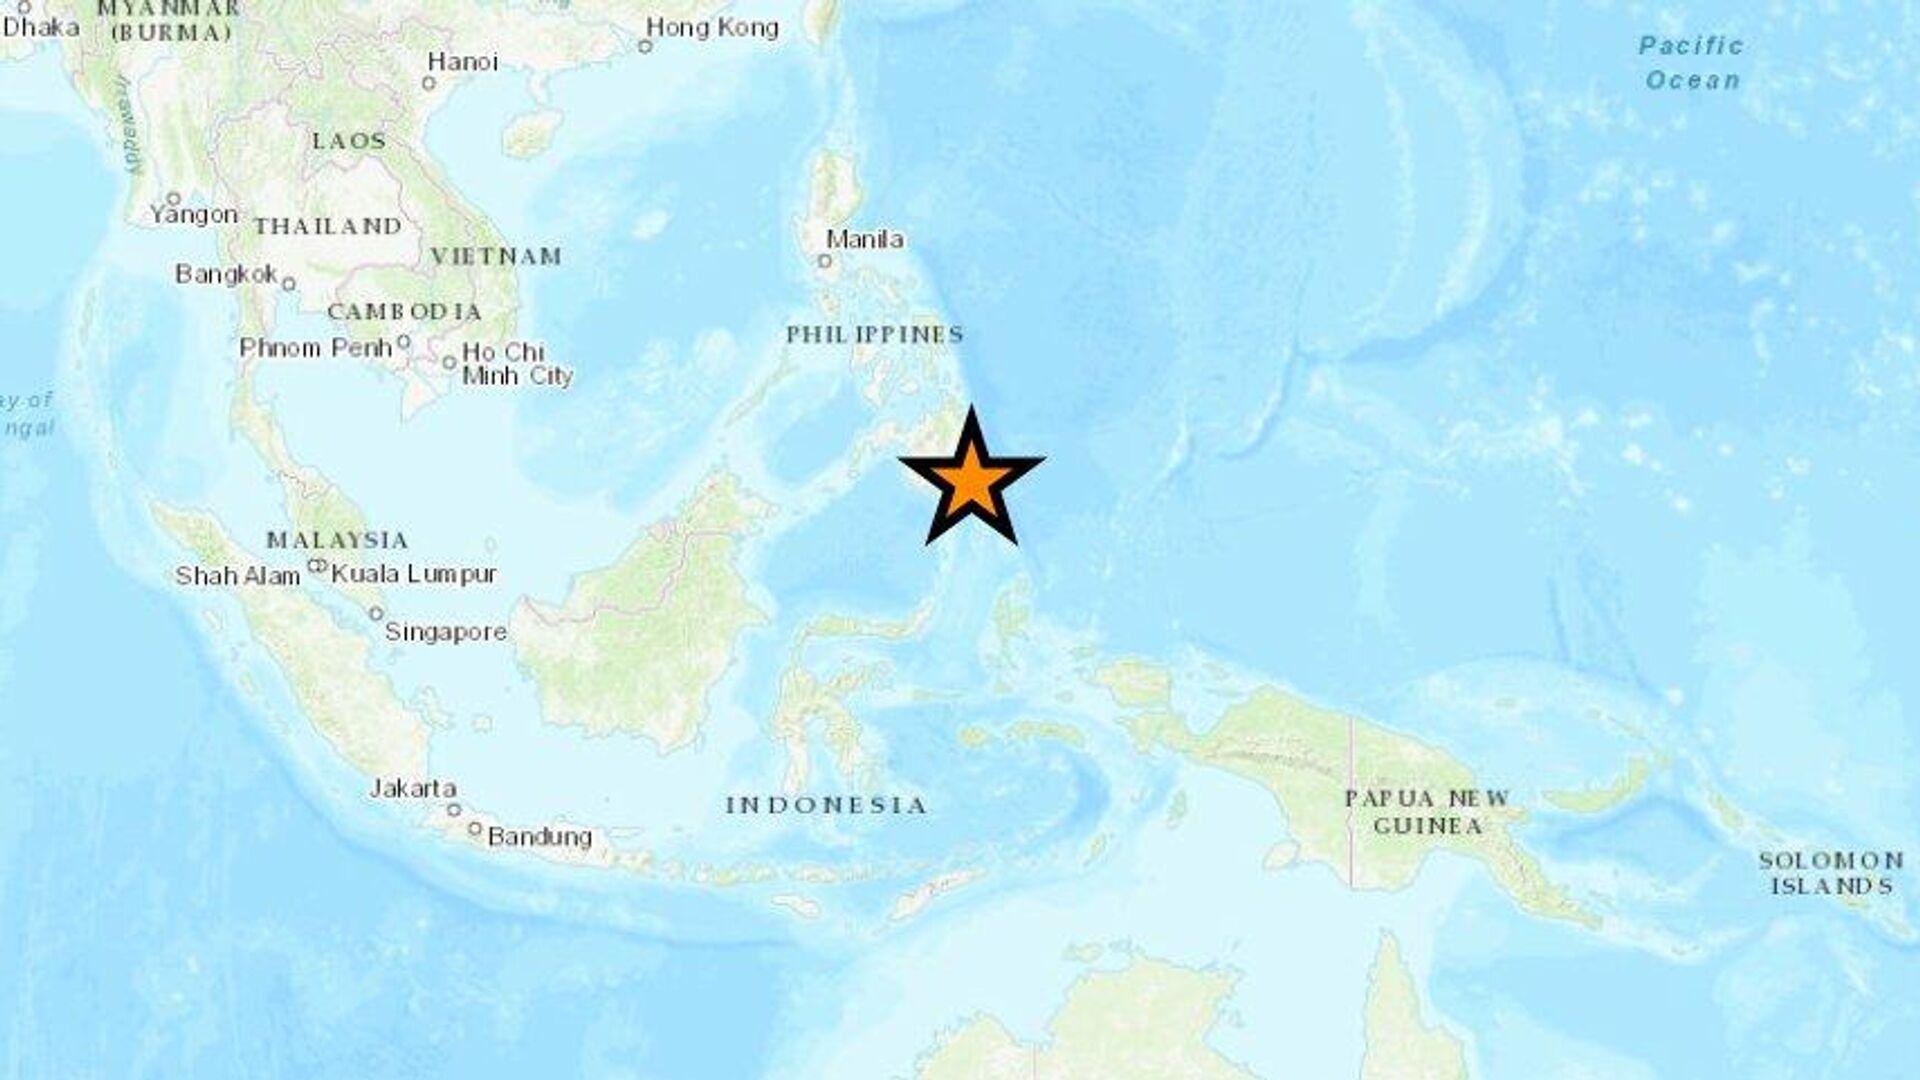 Un fuerte terremoto golpea la costa del Pacífico de Filipinas - Sputnik Mundo, 1920, 11.08.2021